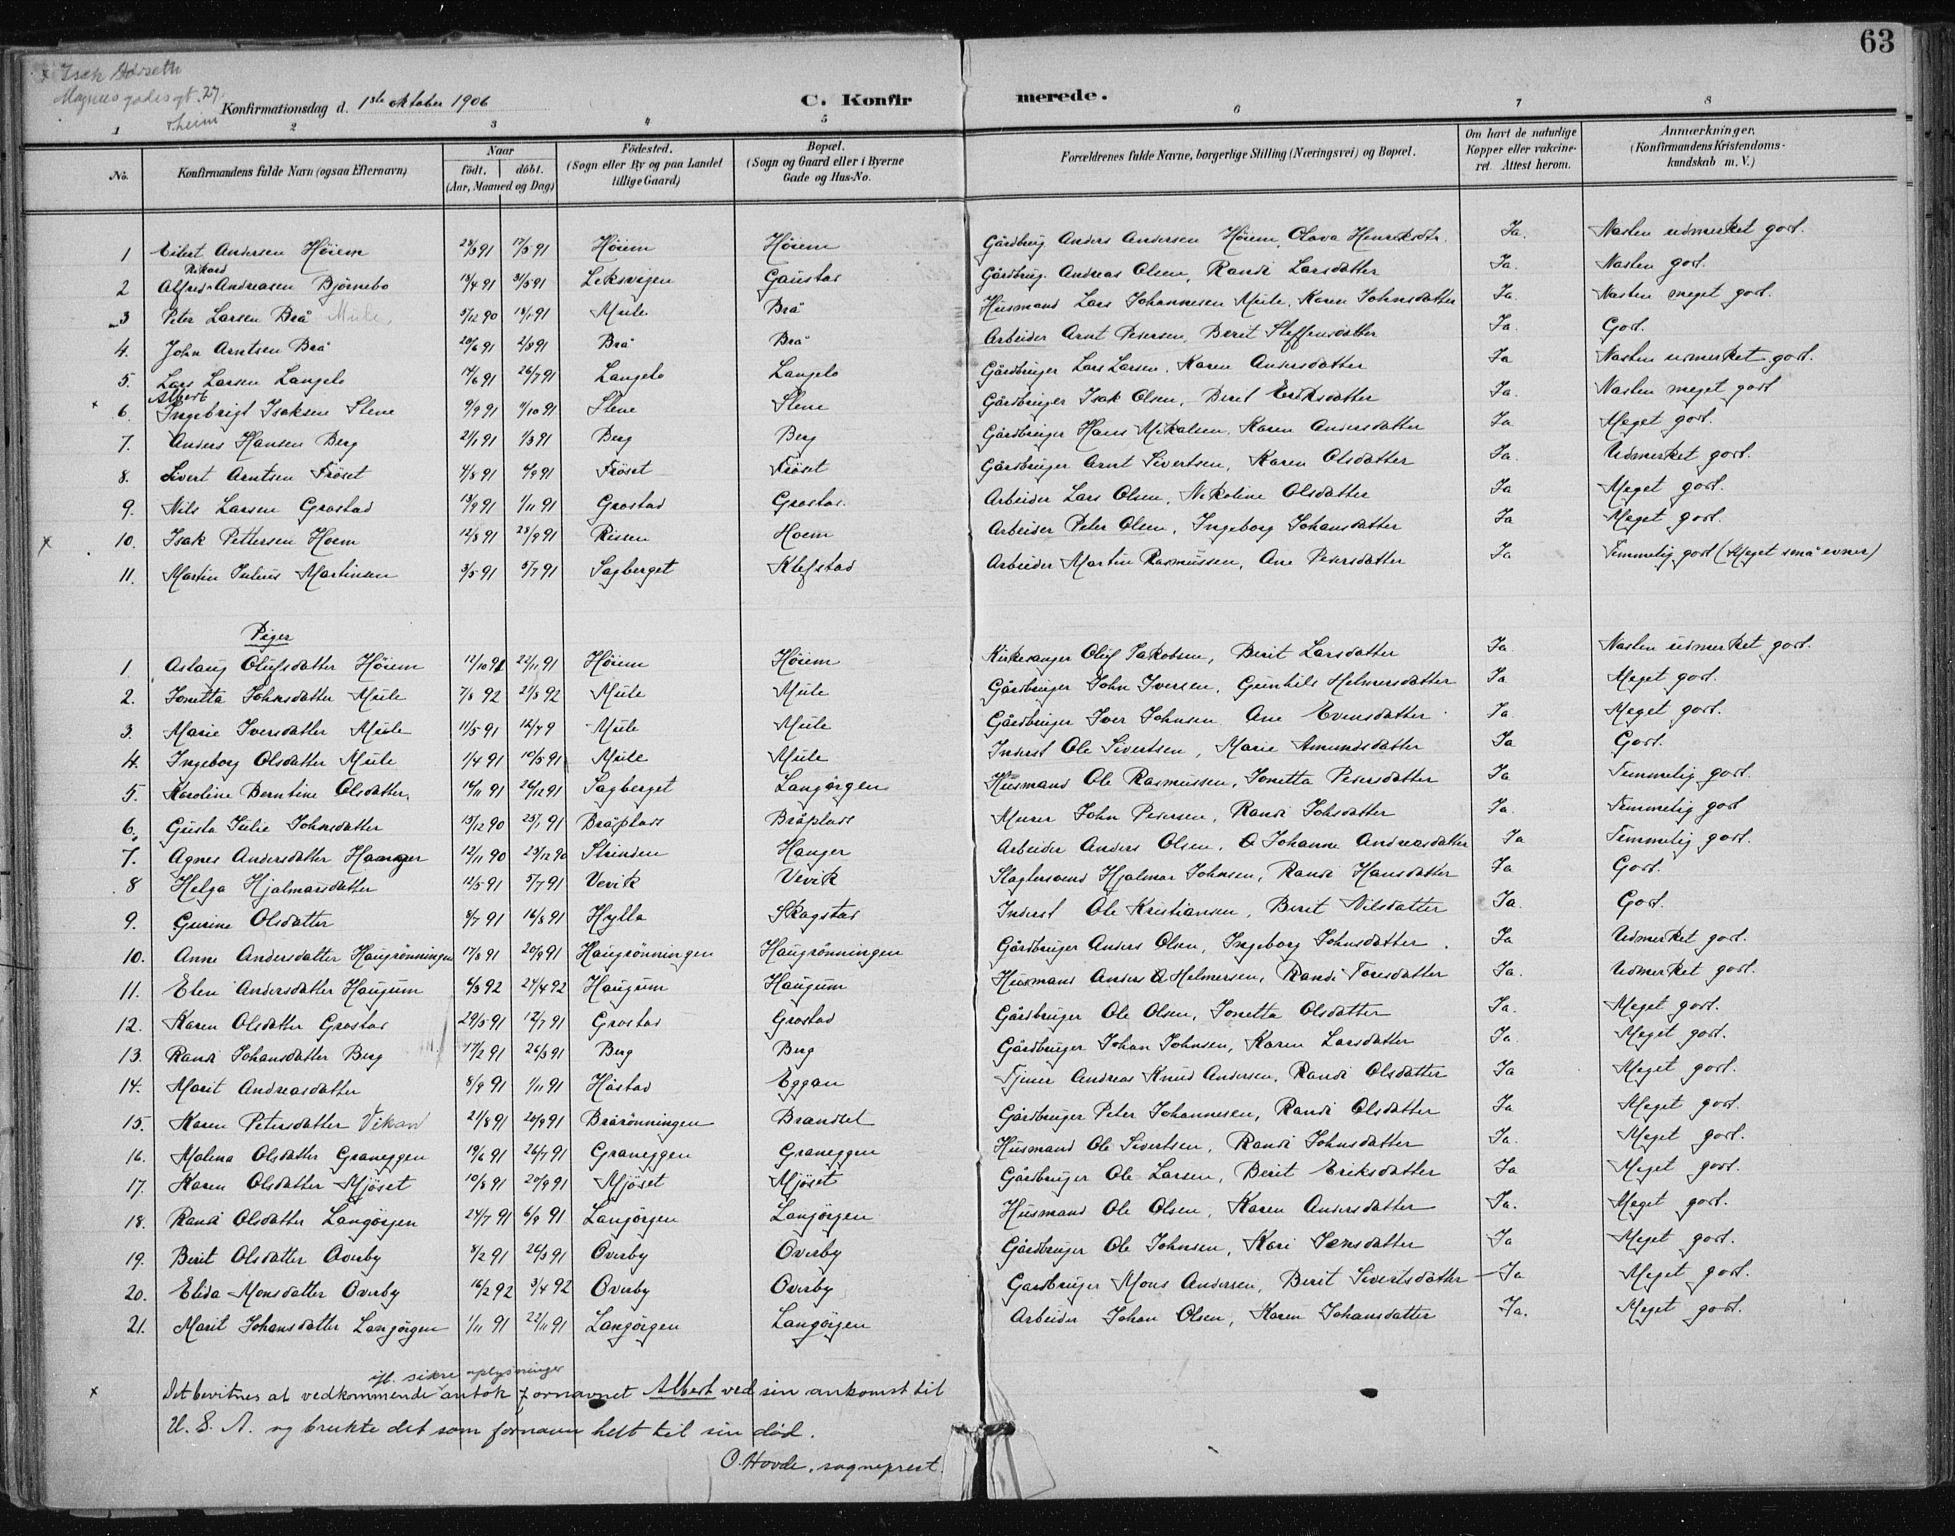 SAT, Ministerialprotokoller, klokkerbøker og fødselsregistre - Sør-Trøndelag, 612/L0380: Ministerialbok nr. 612A12, 1898-1907, s. 63